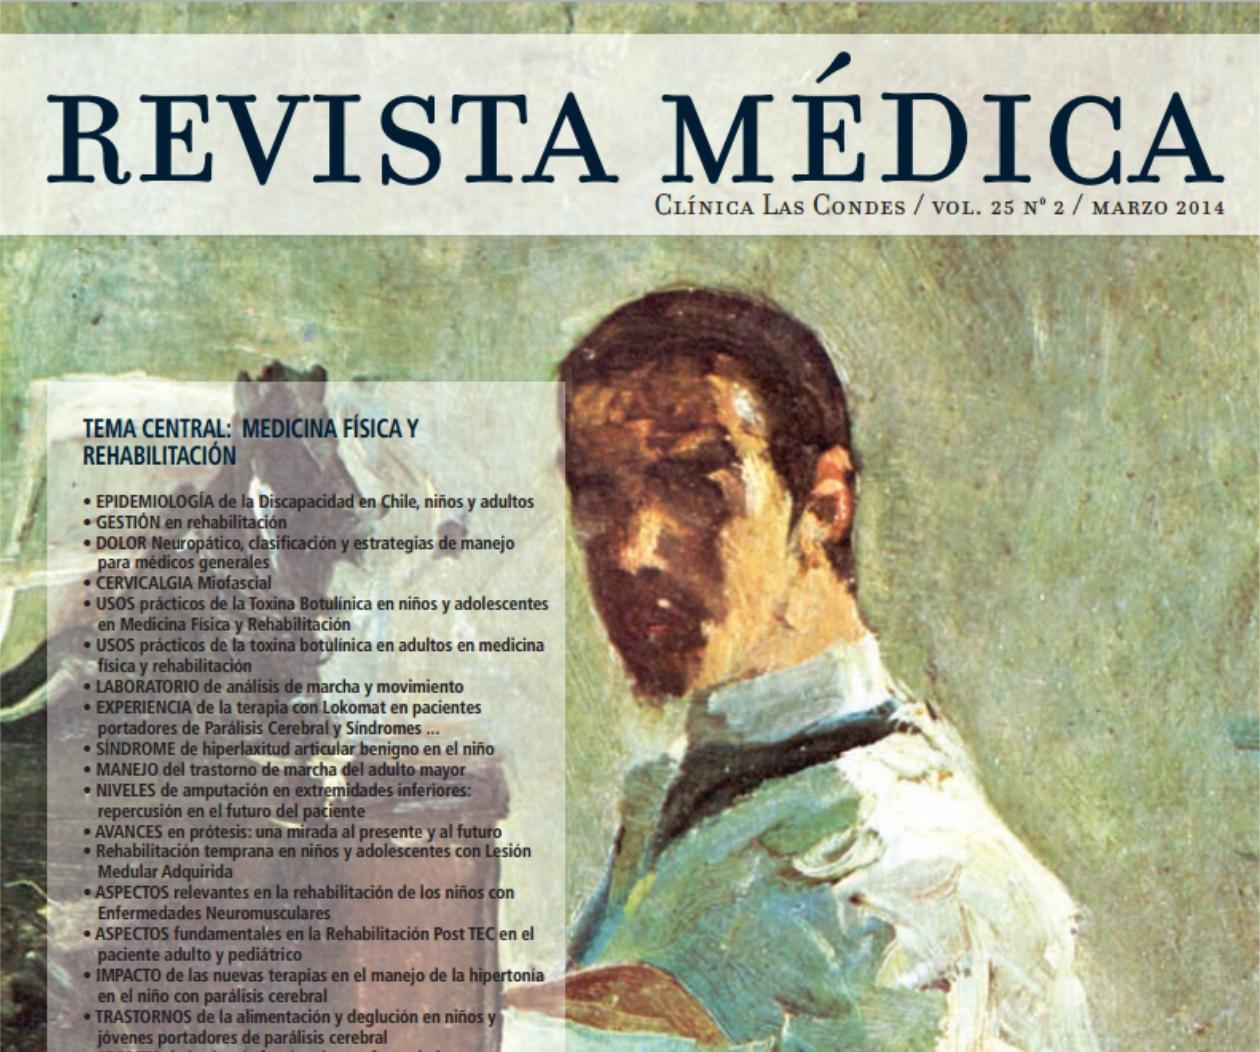 Revista Medica Clinica Las Condes